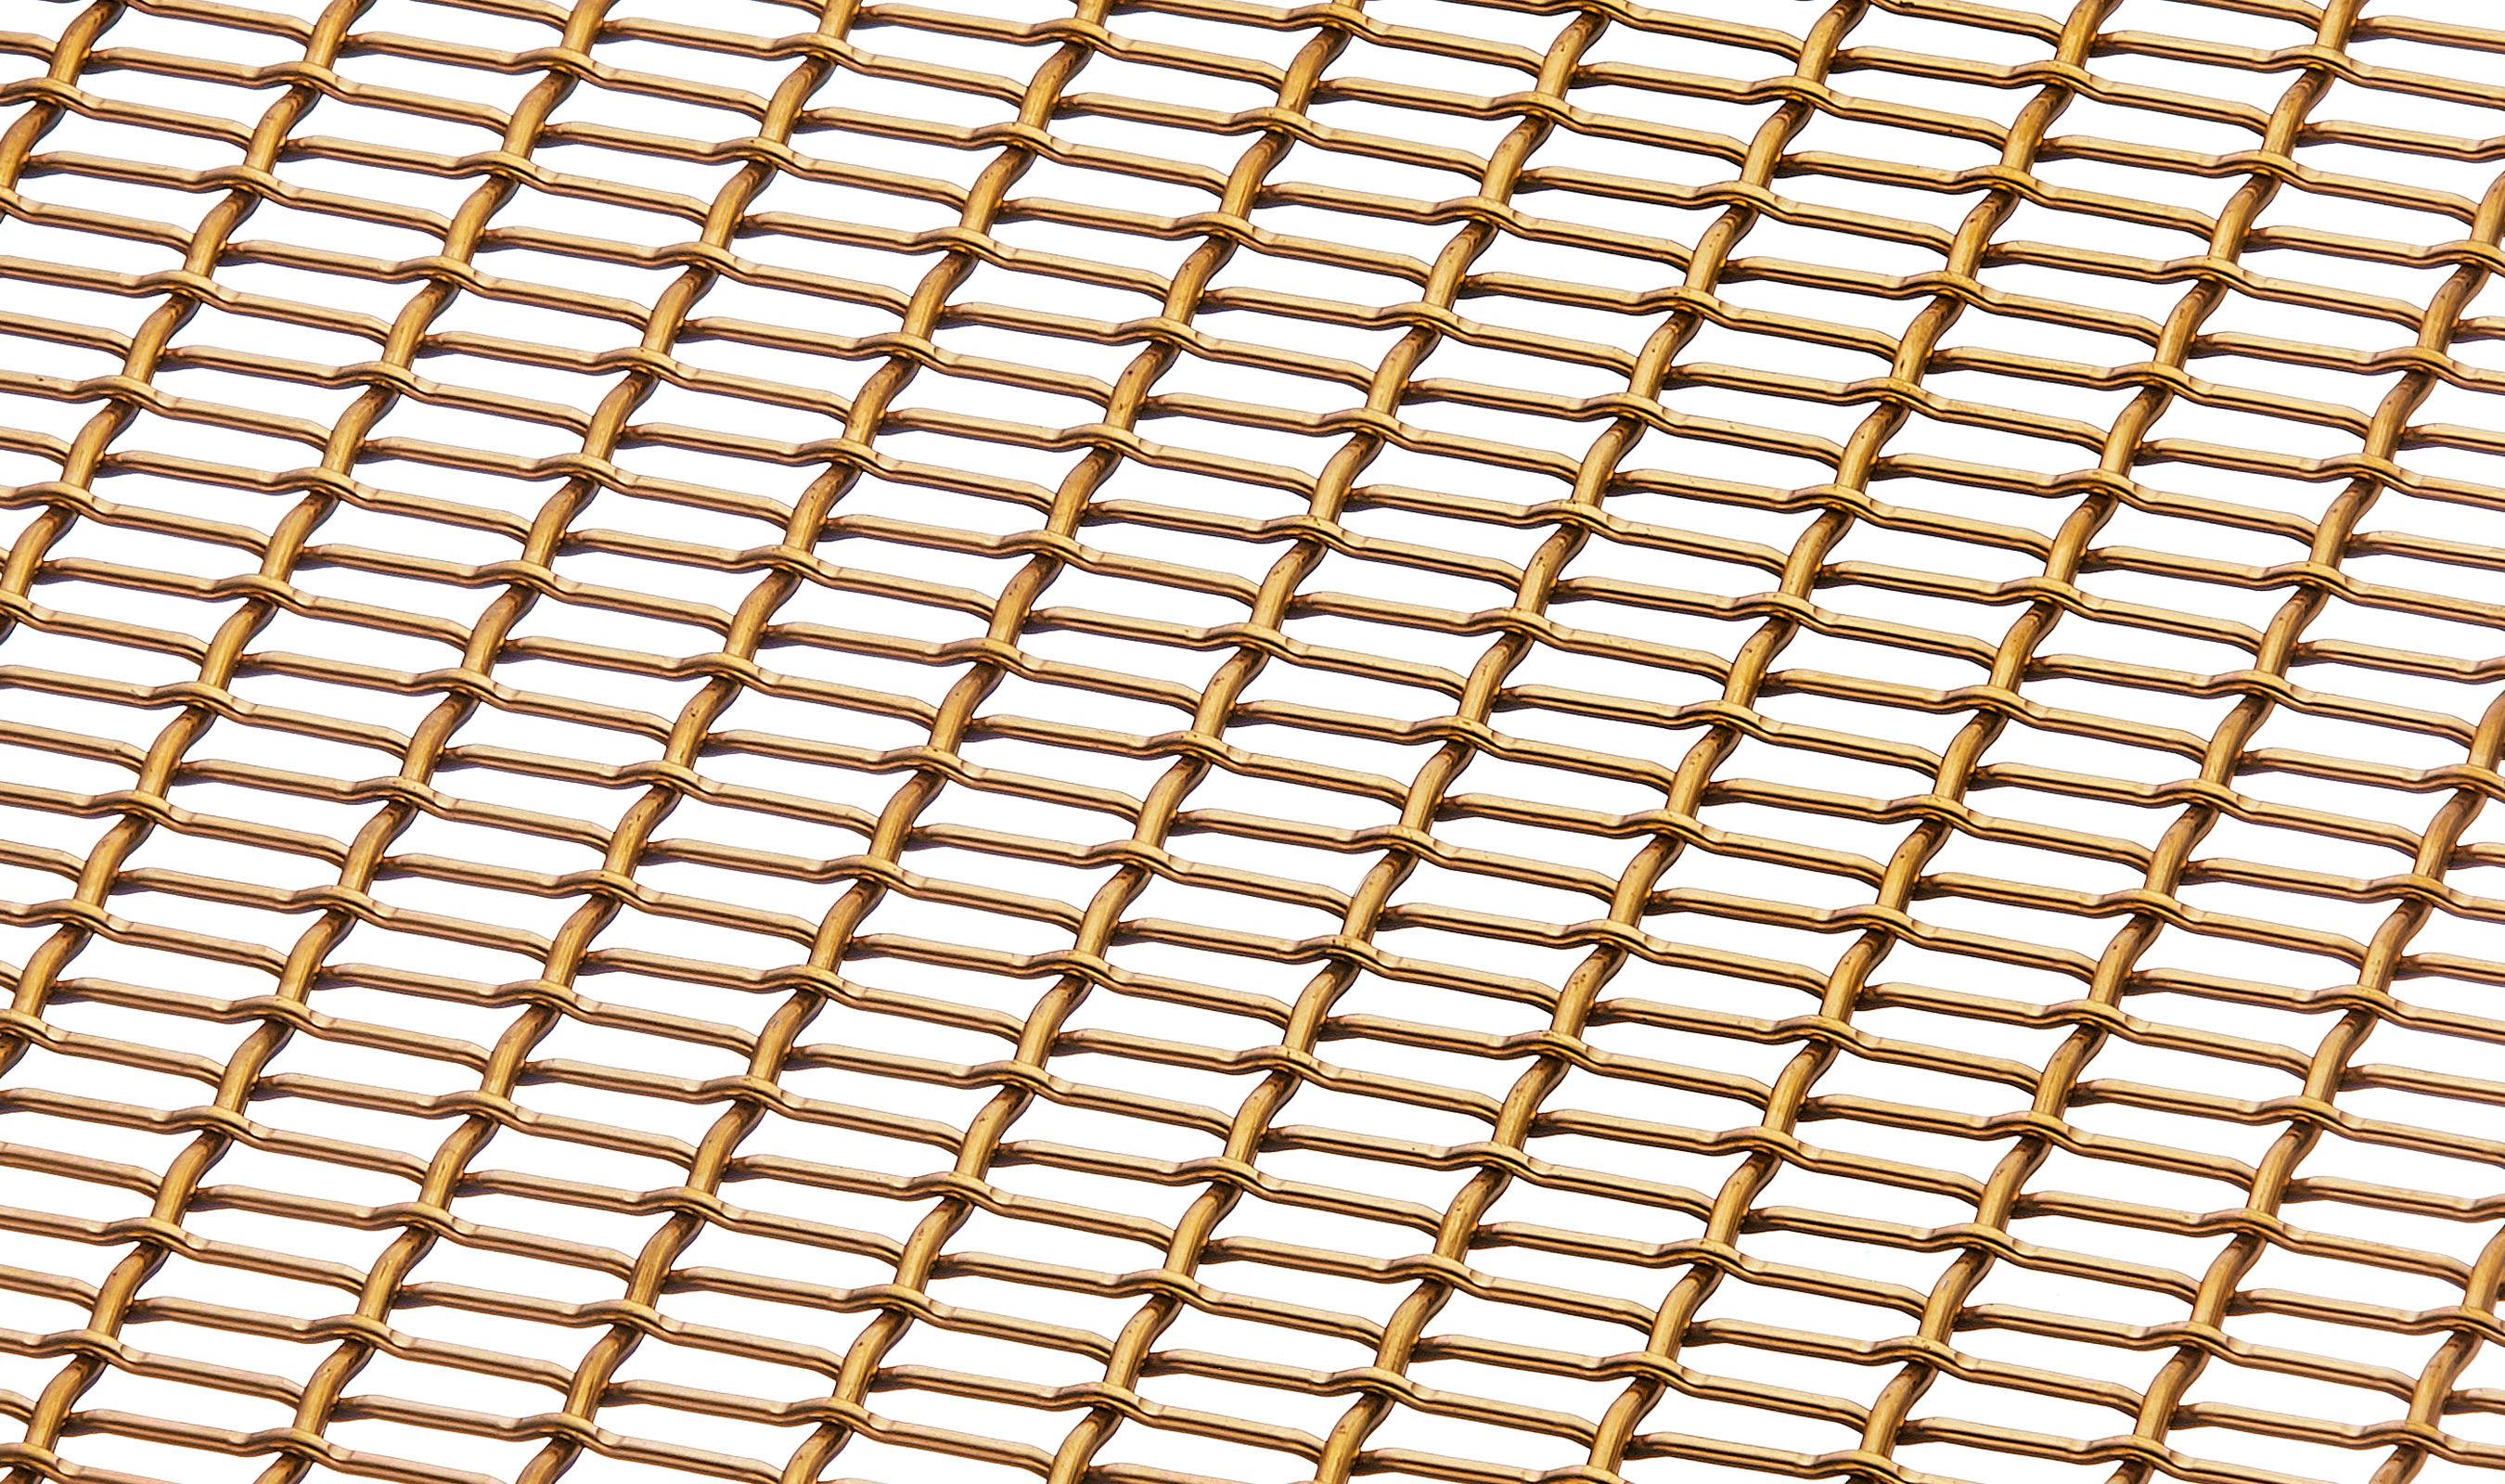 LPZ-28 Hero woven wire mesh in bronze.